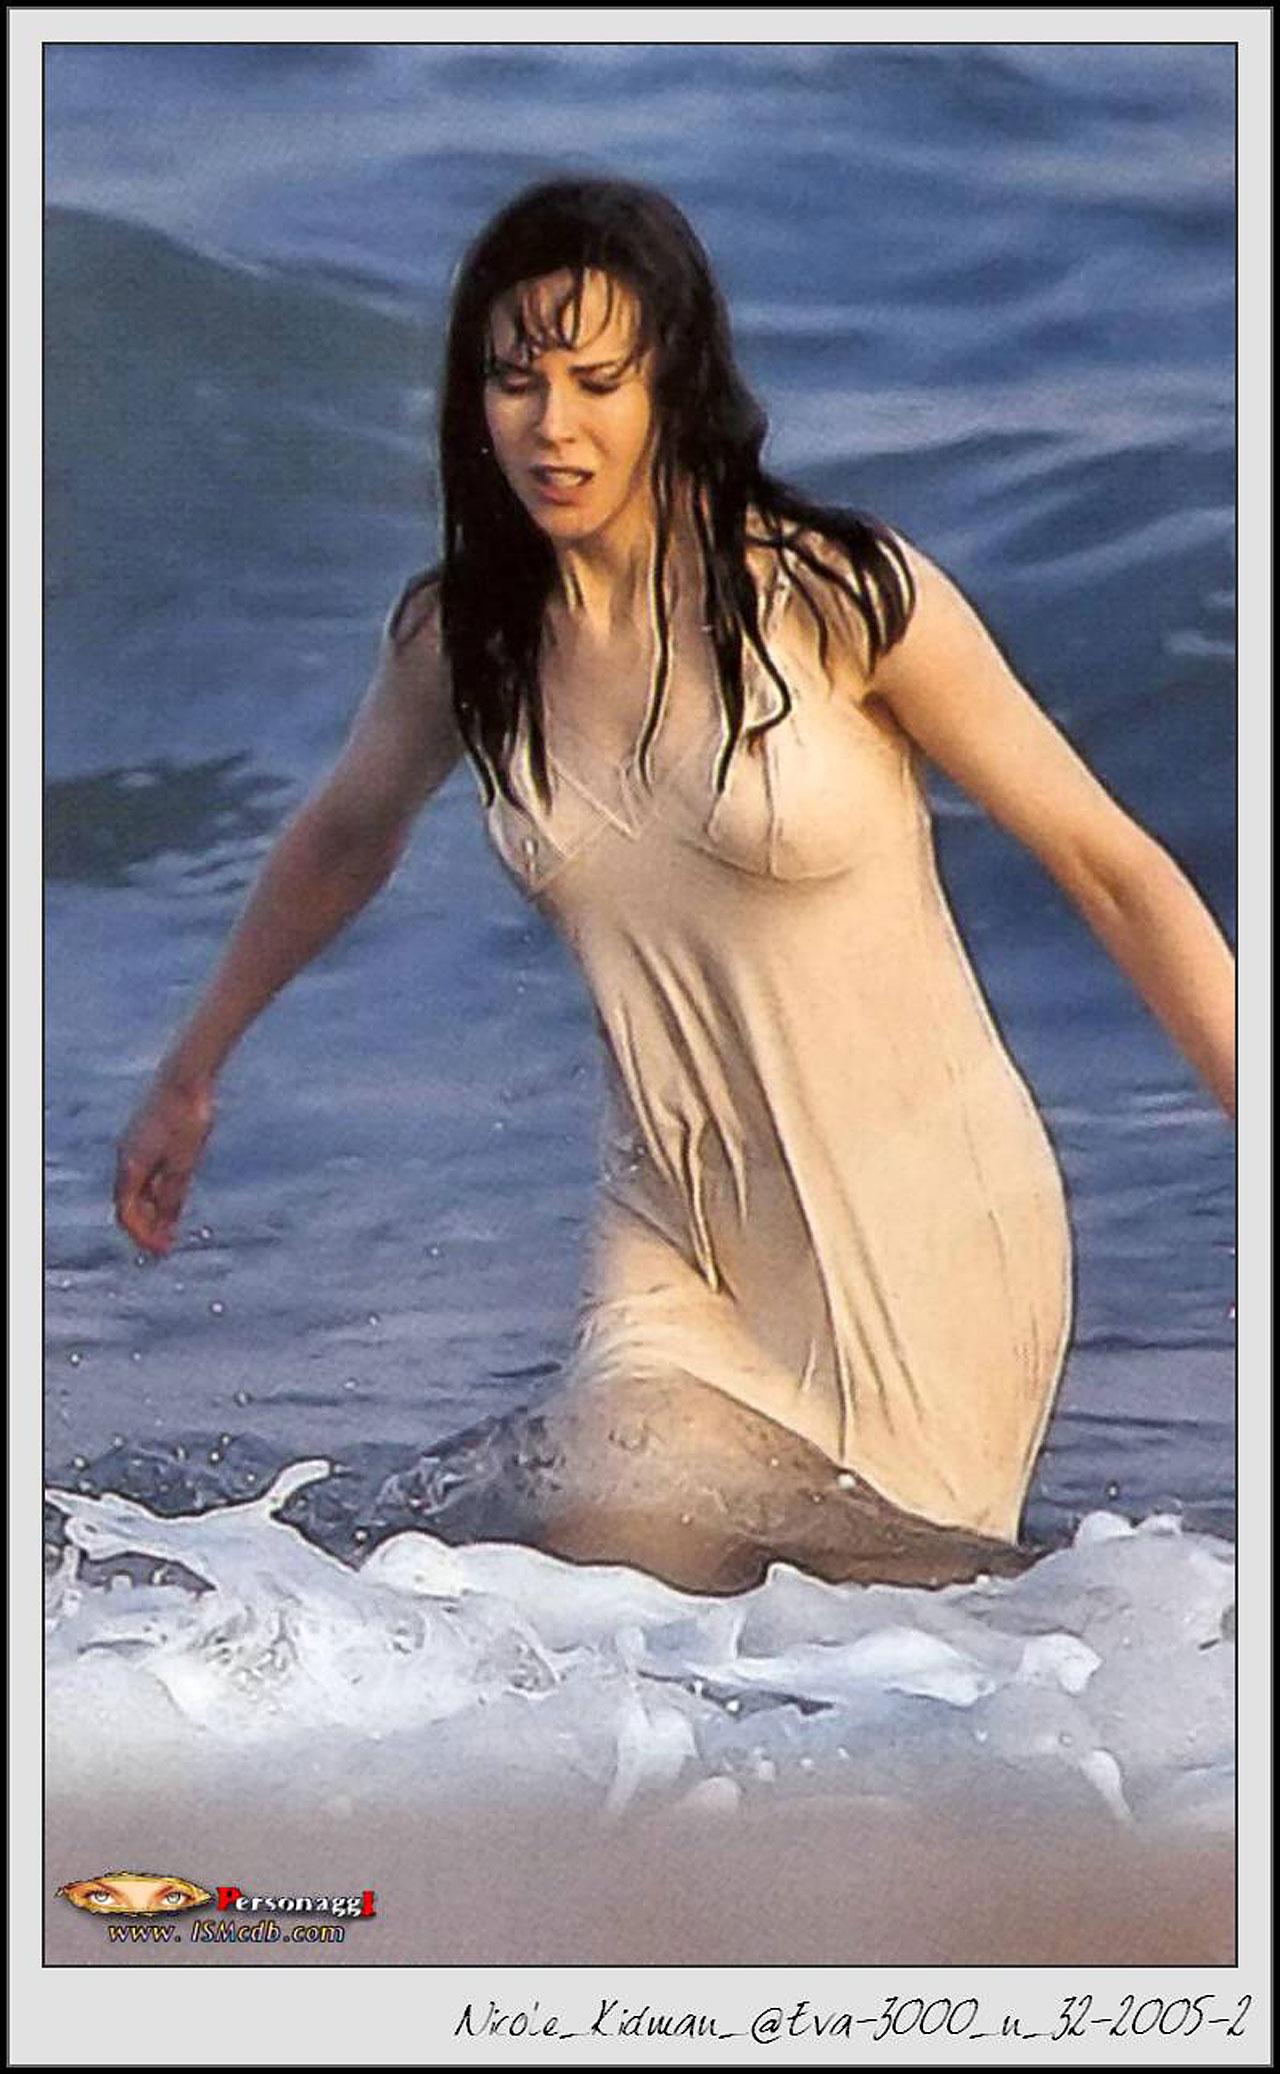 Голые женщины  ХХХ фото голых и эротика на СексБанде